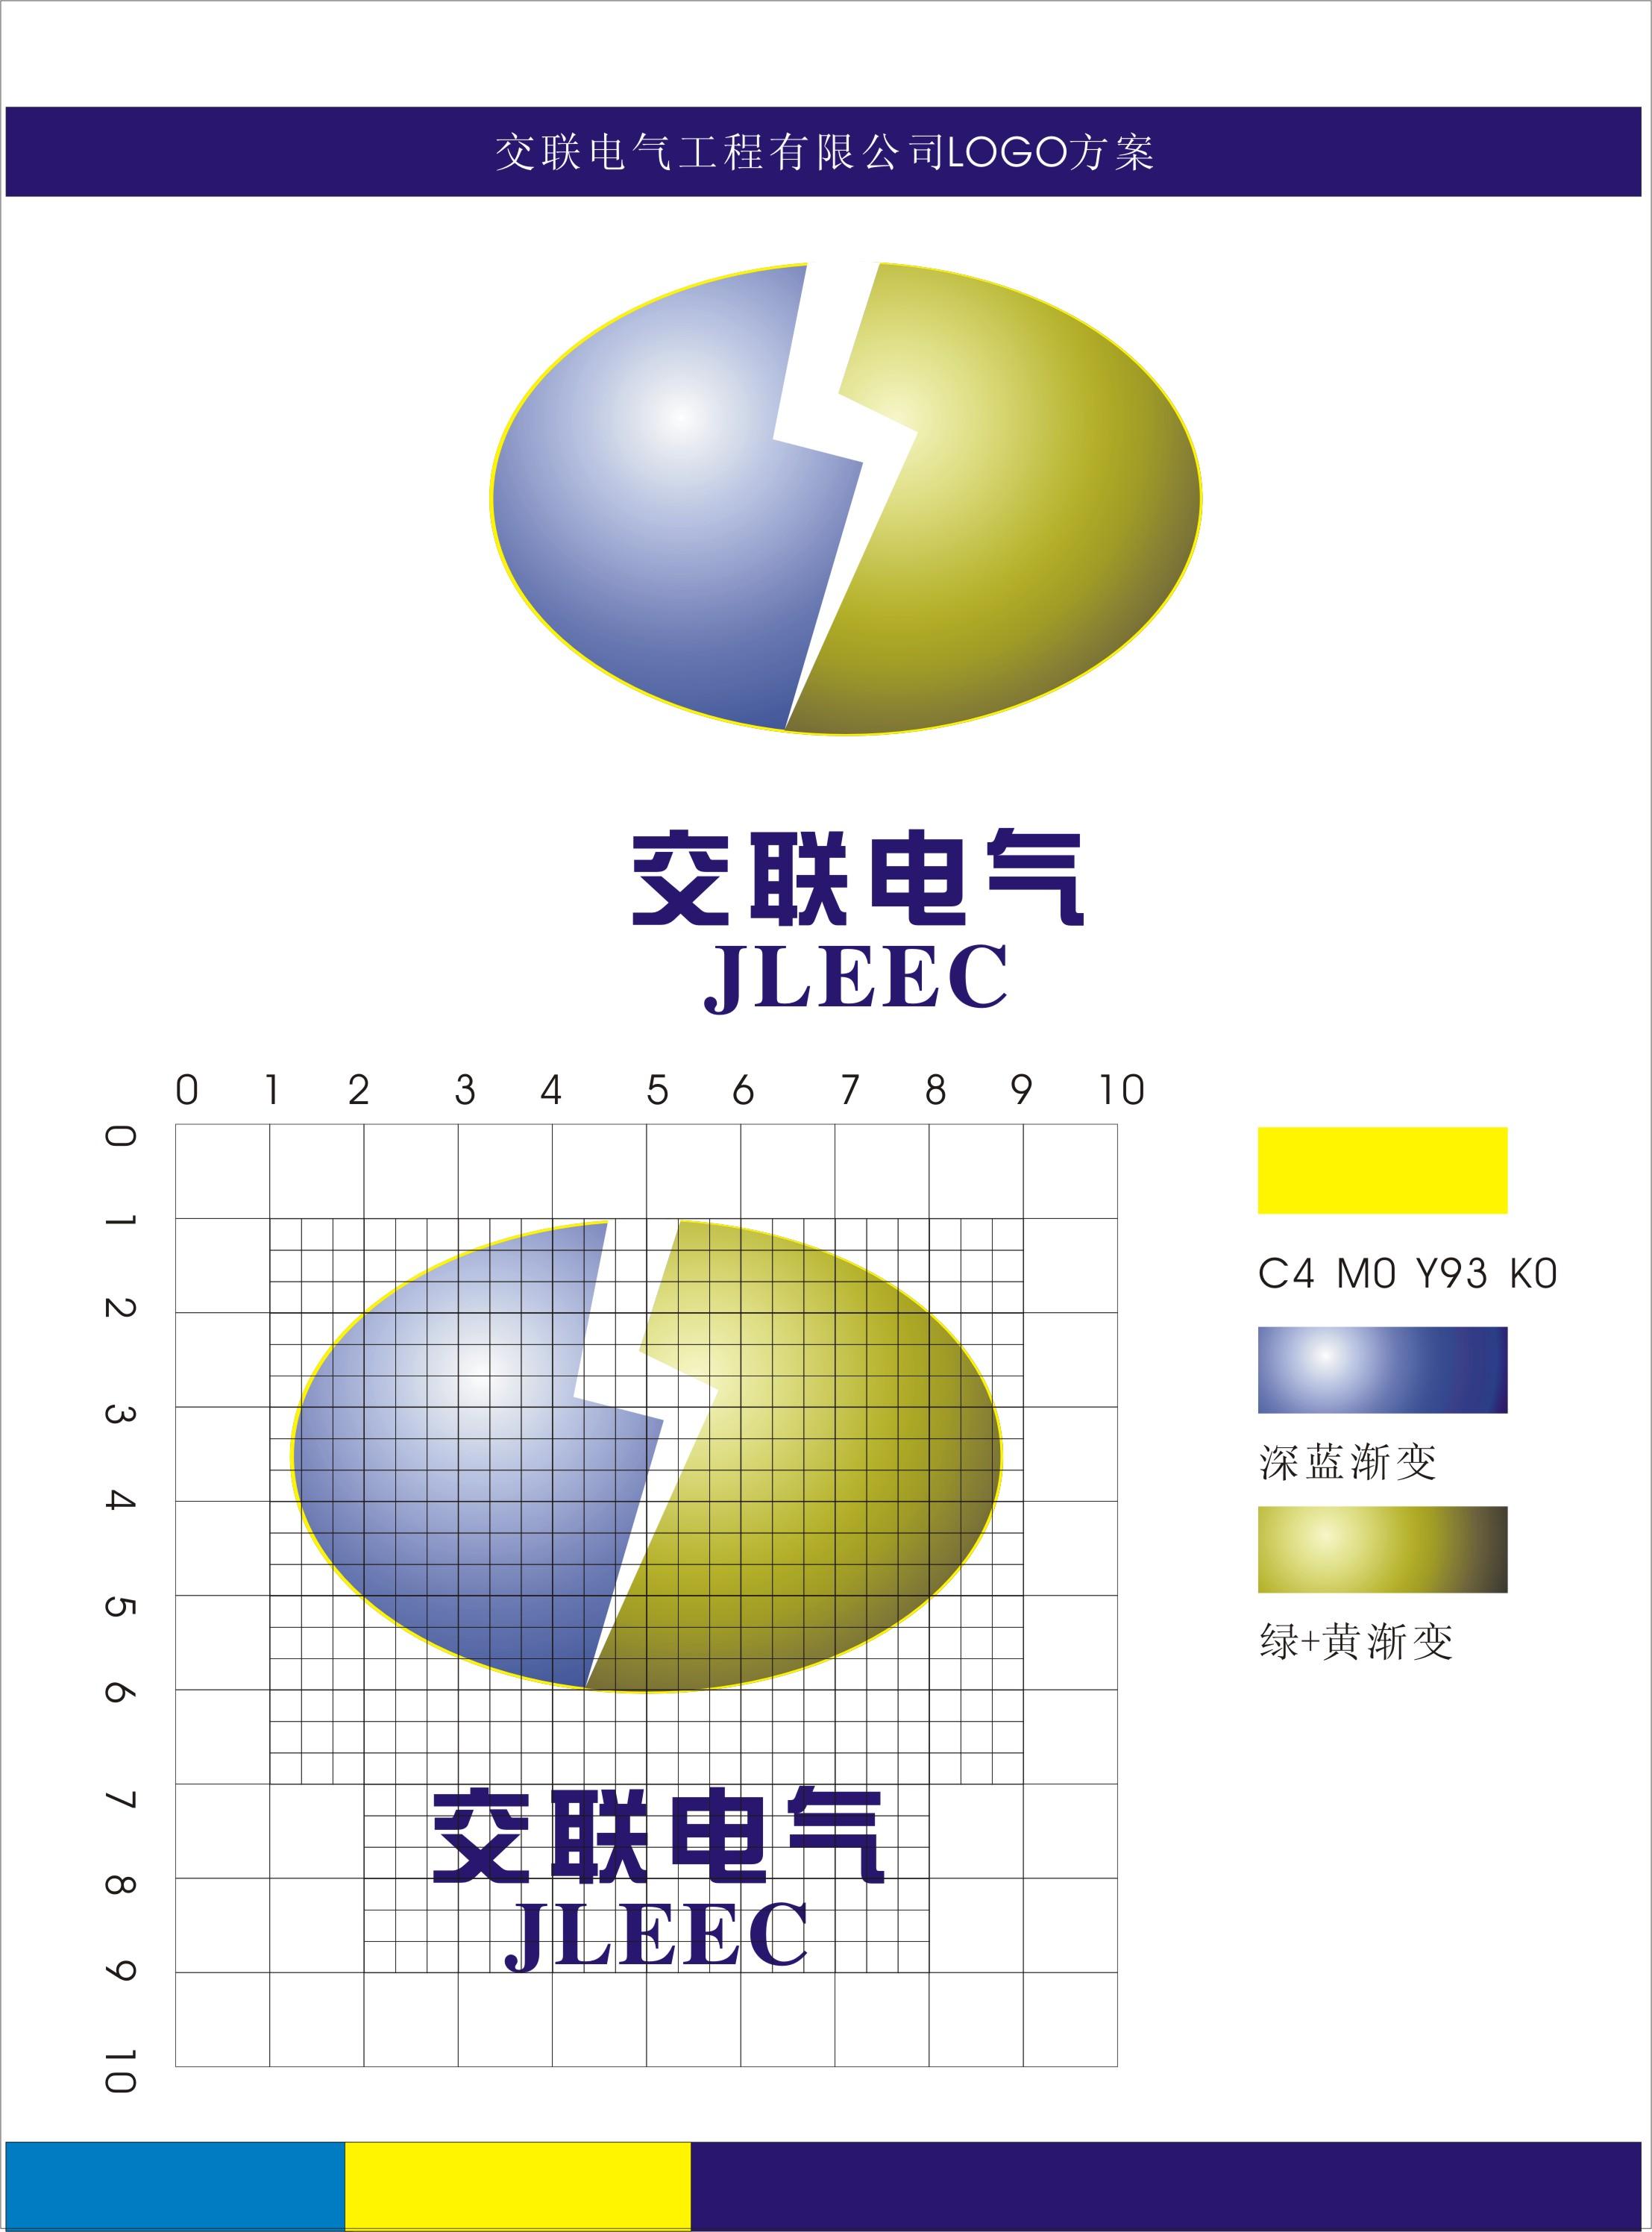 一边是蓝色,象征着电力和科技;一边是绿黄渐变,象征着强劲动力,寓意着